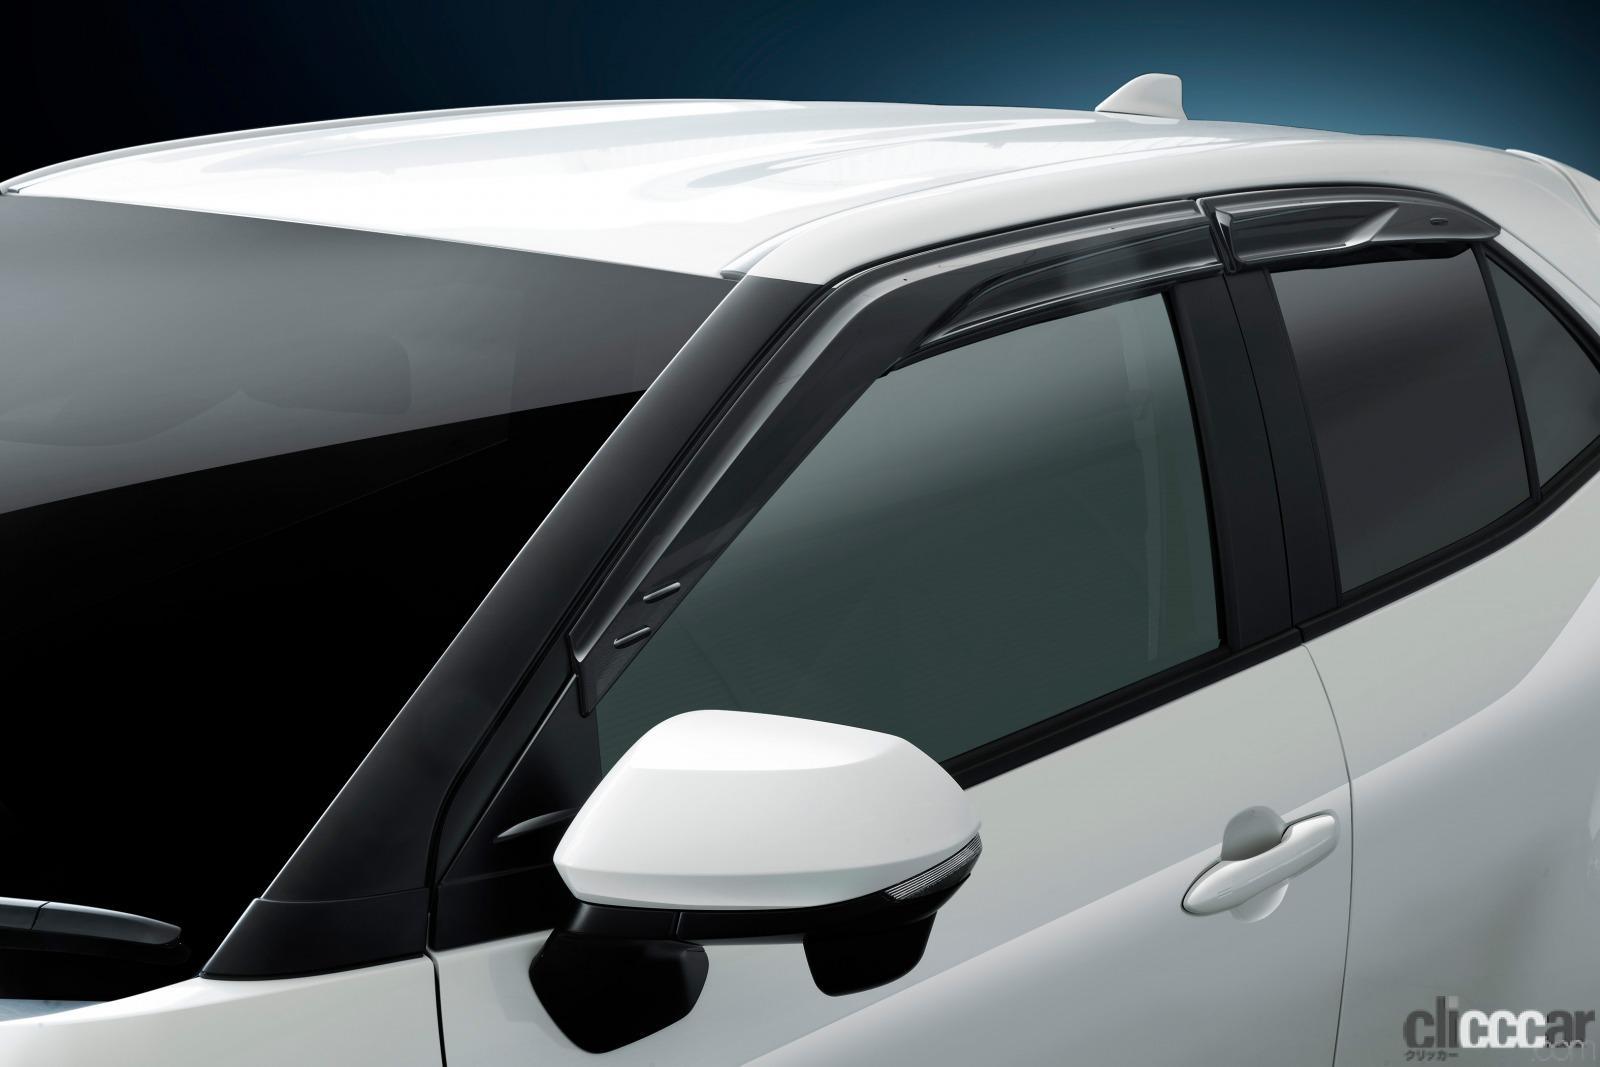 「トヨタ・ヤリスクロスに優れた換気性能と操縦安定性の向上に寄与する「GR スポーツサイドバイザー」を追加」の2枚目の画像